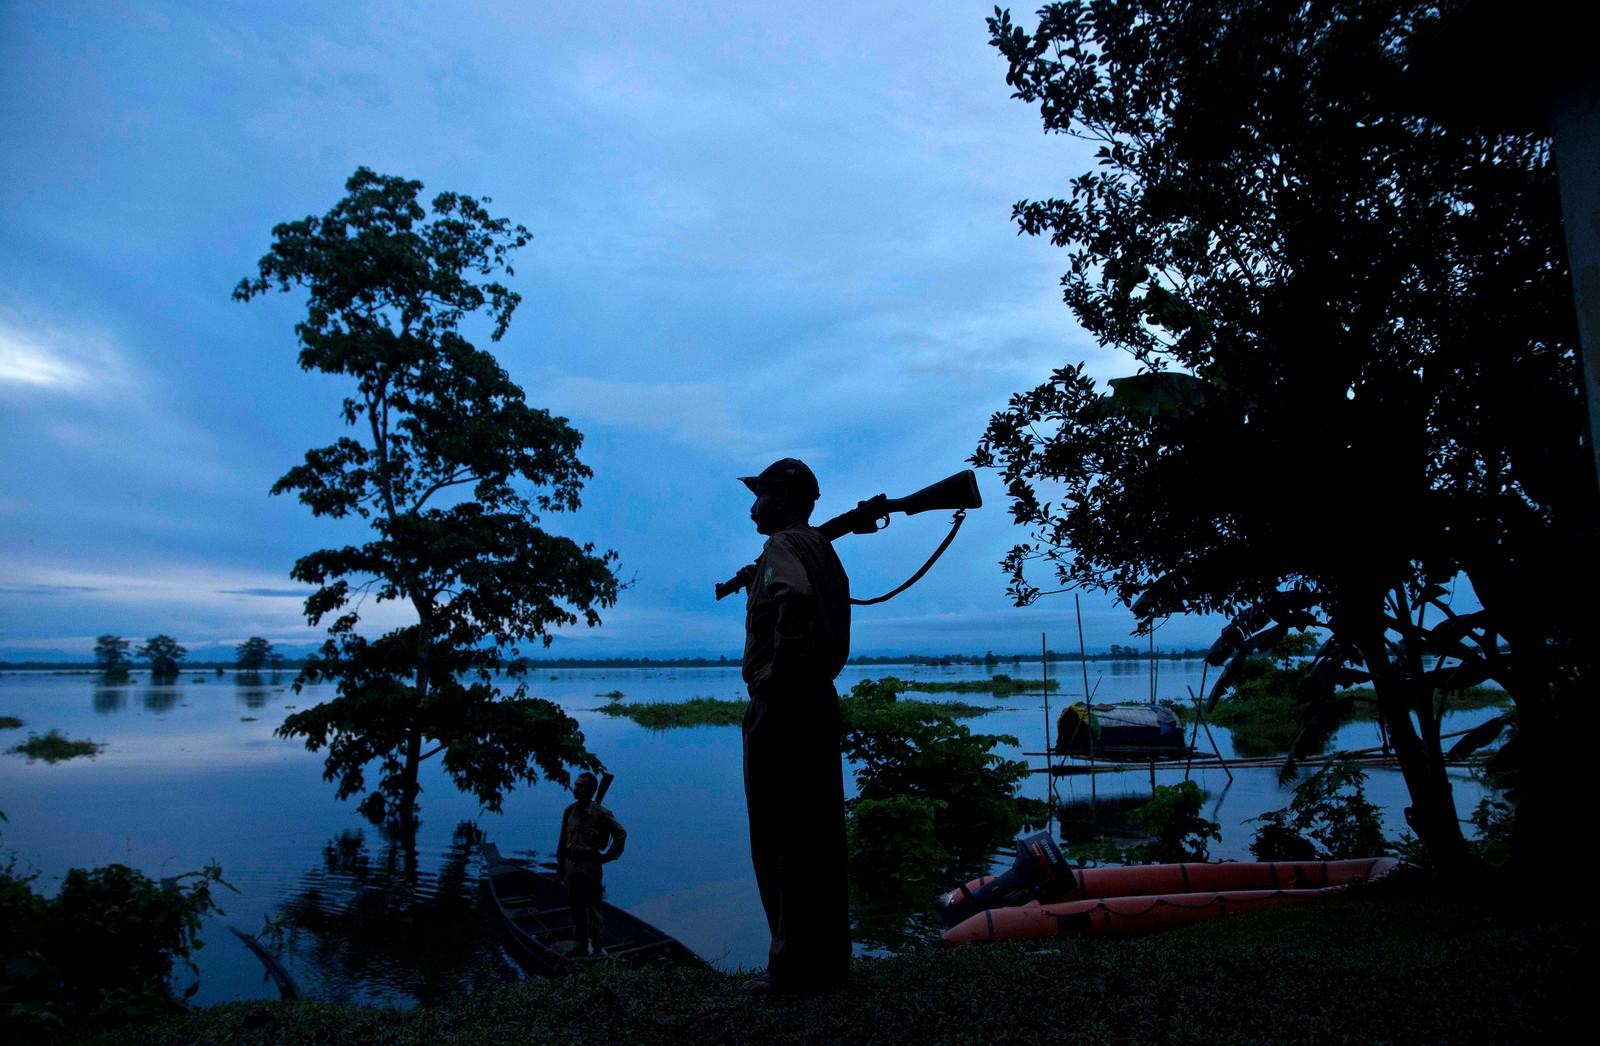 En skogvokter holder vakt ved den flomrammede nasjonalparken Kaziranga i Assam i India den 26. juli. Store deler av parken, som er hjemmet til det sjeldne panserneshornet, er under vann. Myndighetene forteller at de har funnet levningene til minst et panserneshorn som har druknet.